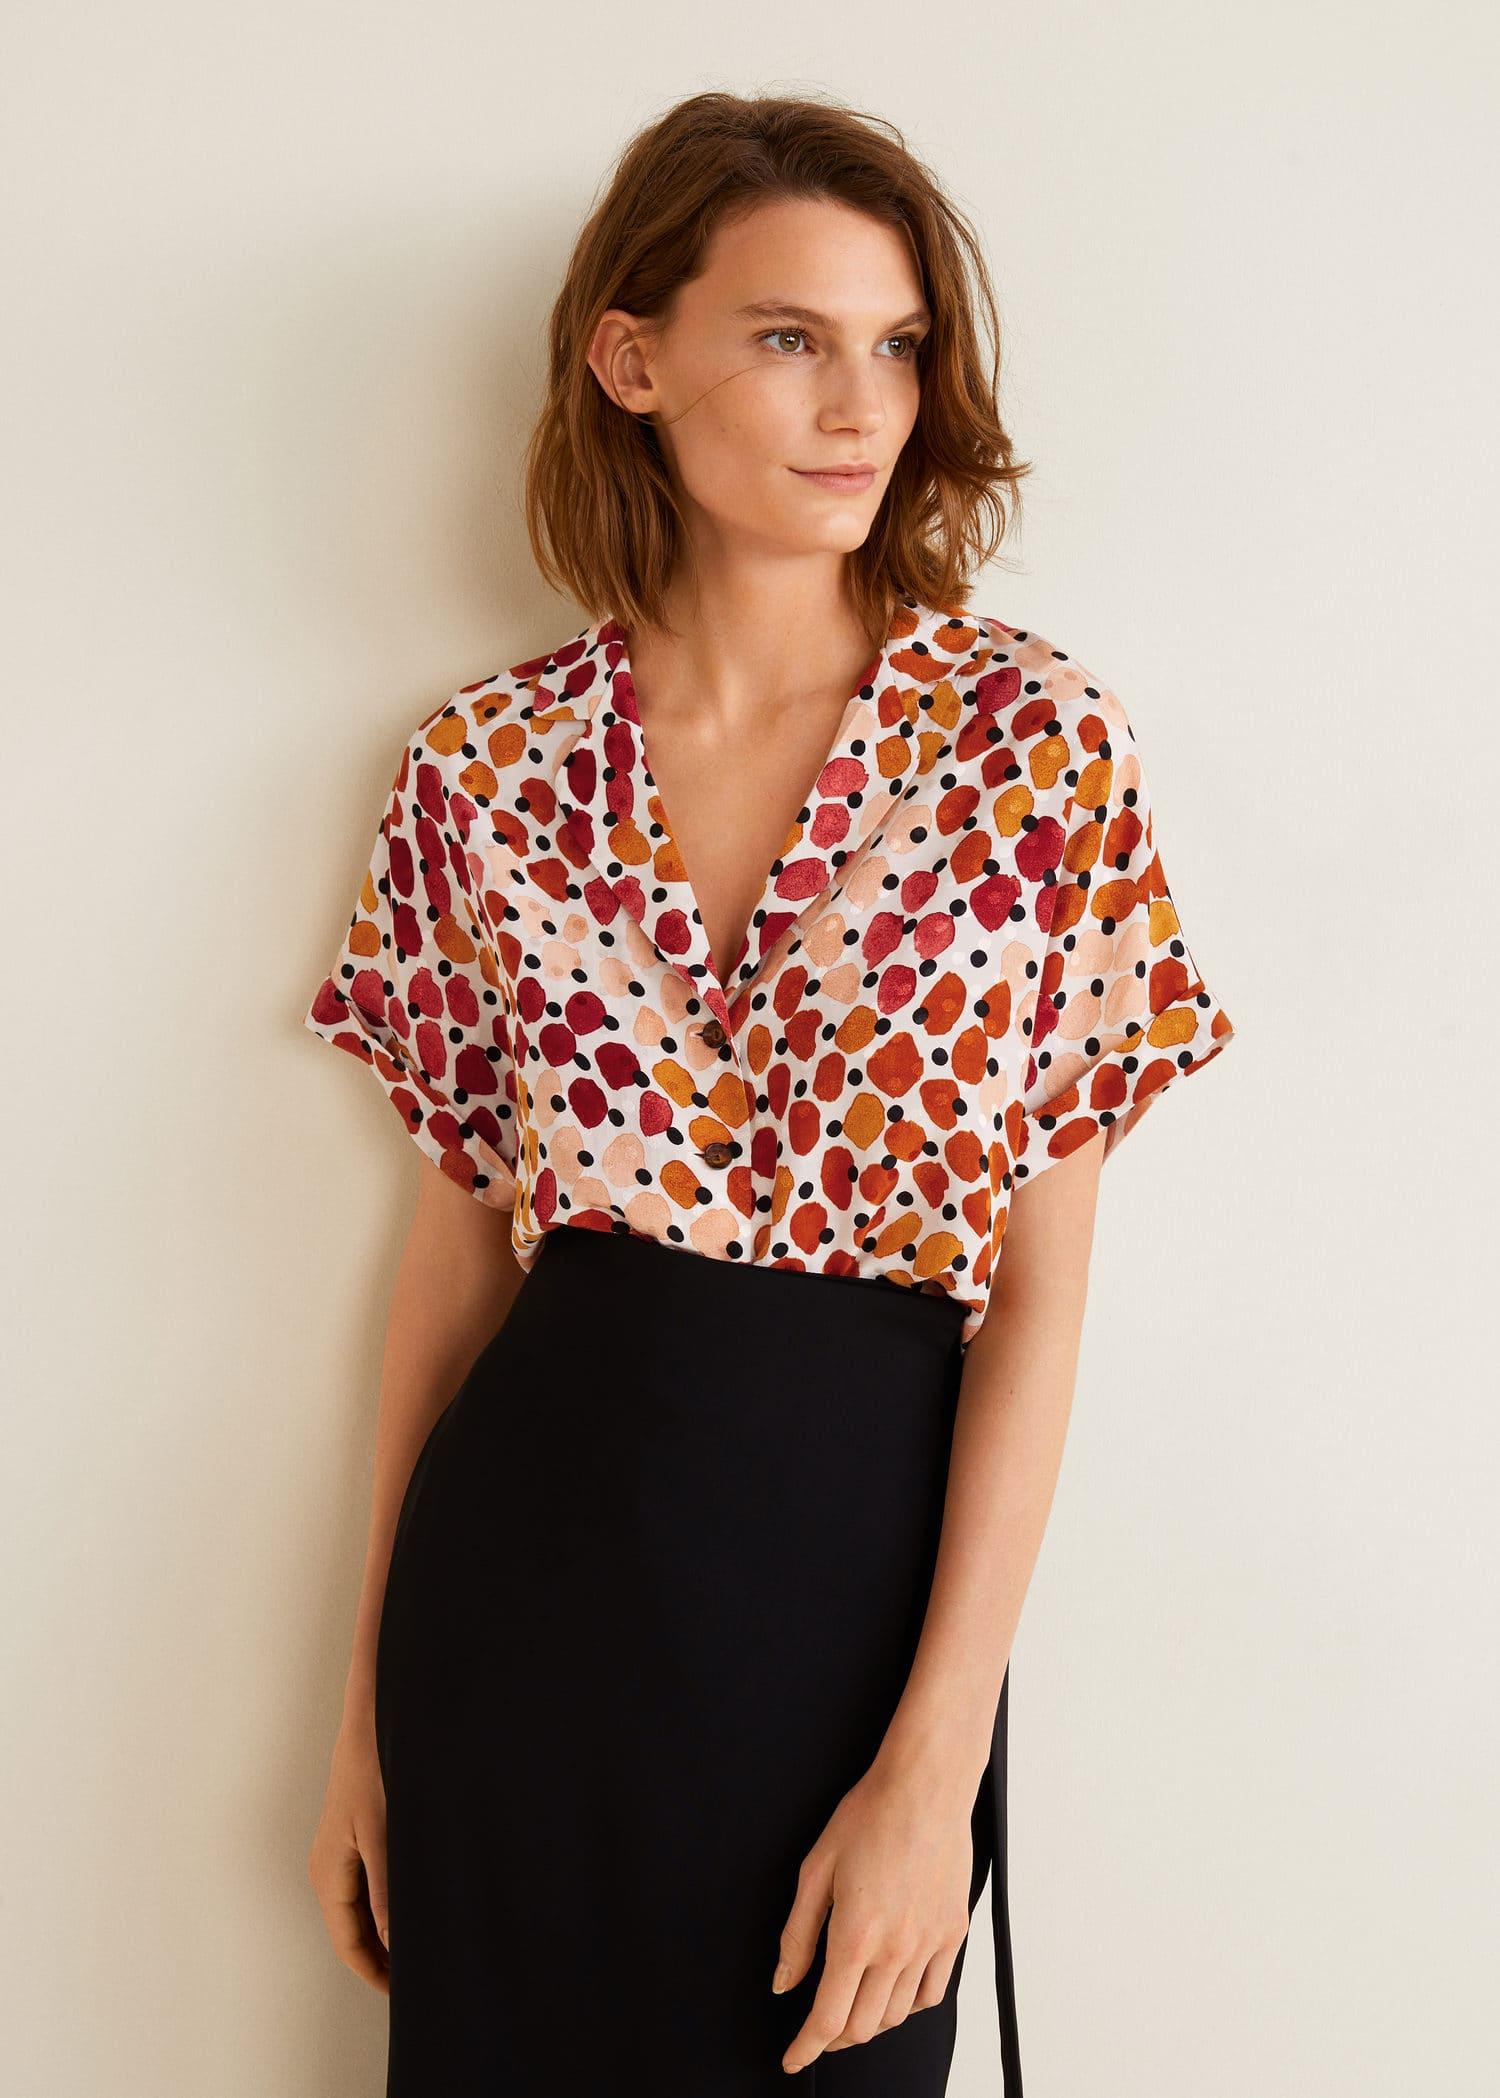 6166959a60b2 Camisas - Prendas - Mujer | OUTLET España